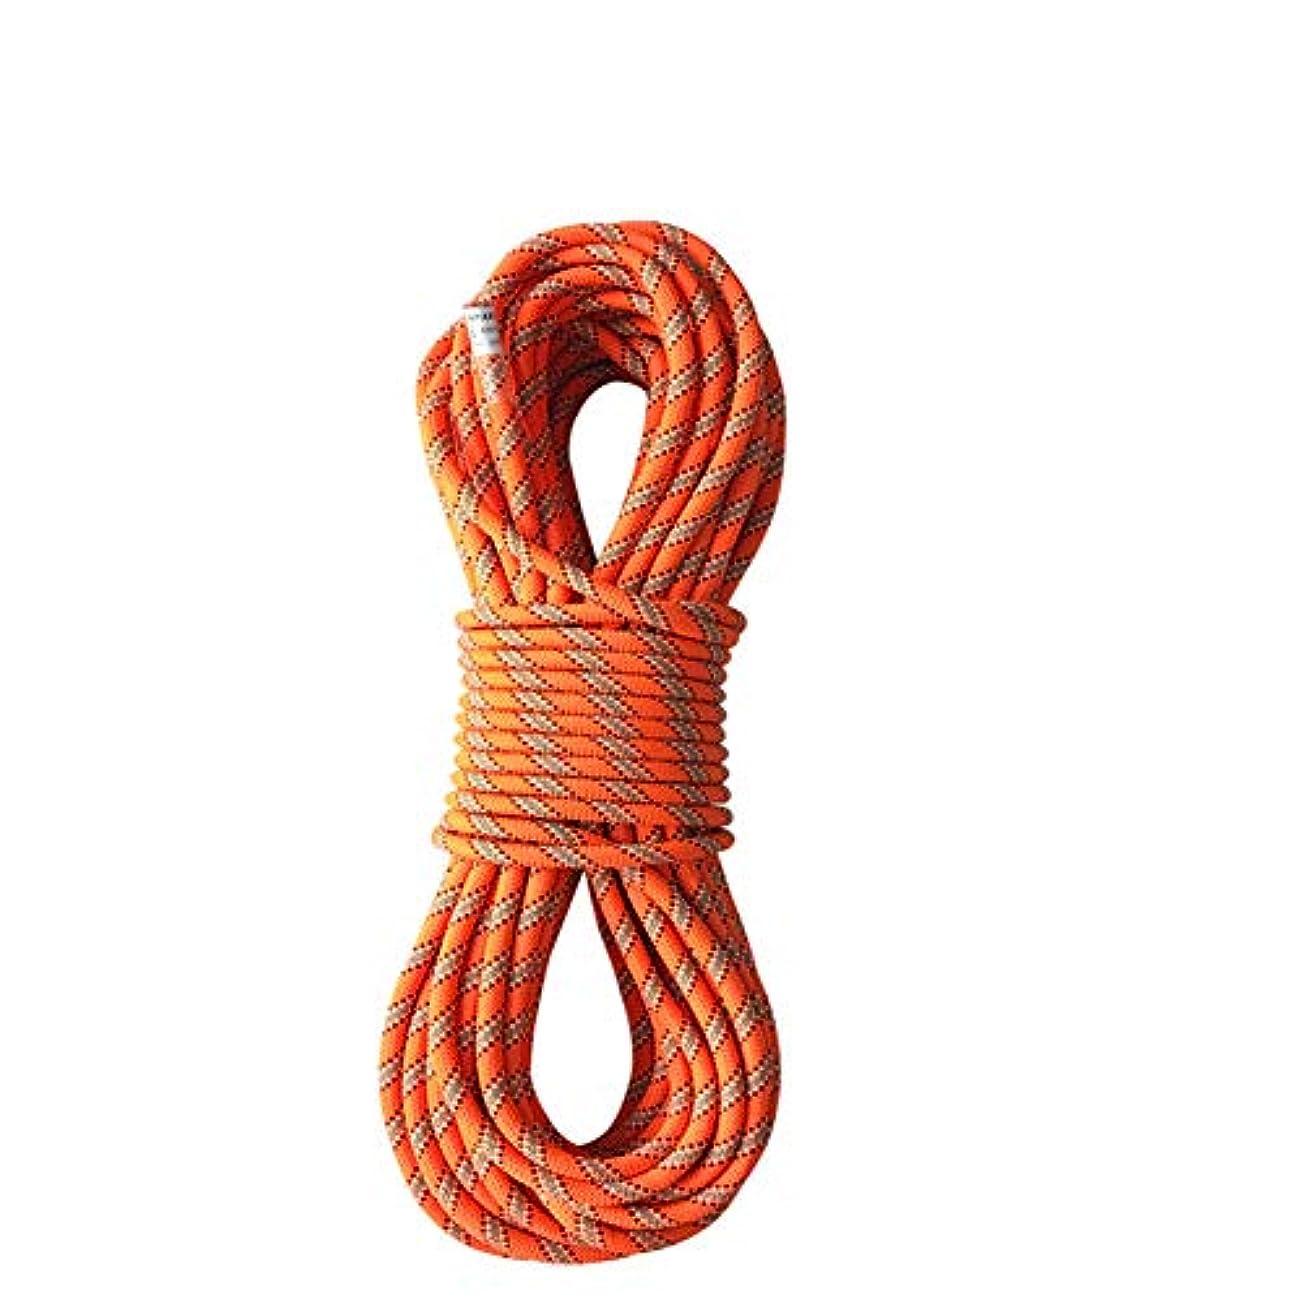 金属接続詞トラフ屋外クライミングロープ、火災避難安全救助急行ロープ8ミリメートル耐摩耗性屋外ハイキングロープ野生の命を救う機器,Orange,50m